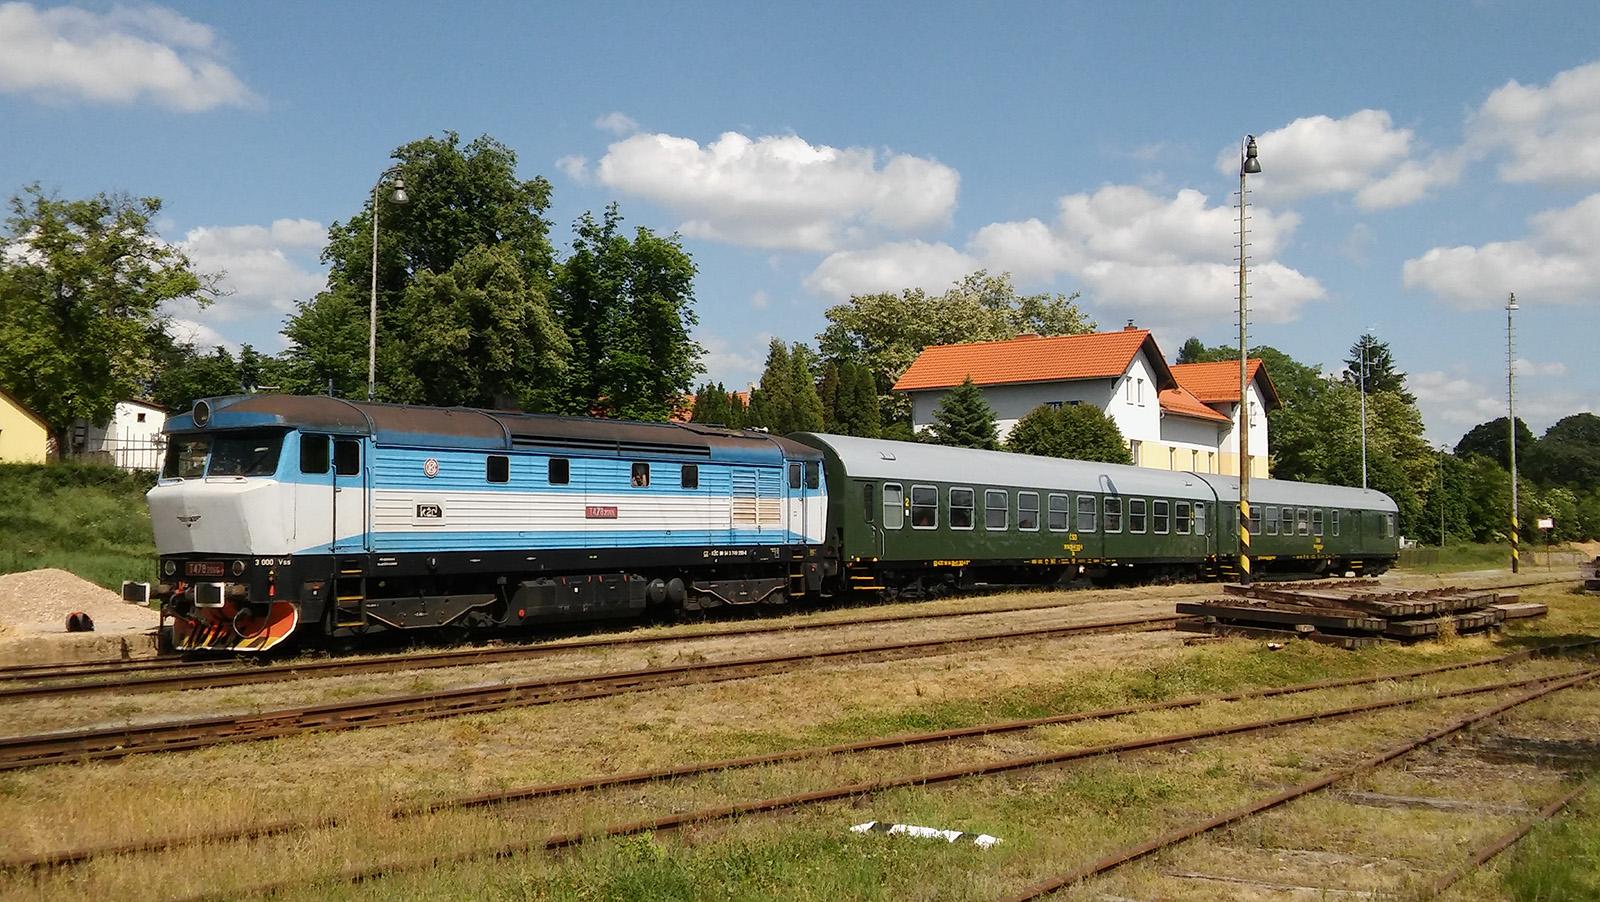 Tschechien: zahlreiche Ausflugszüge mit historischen Fahrzeugen